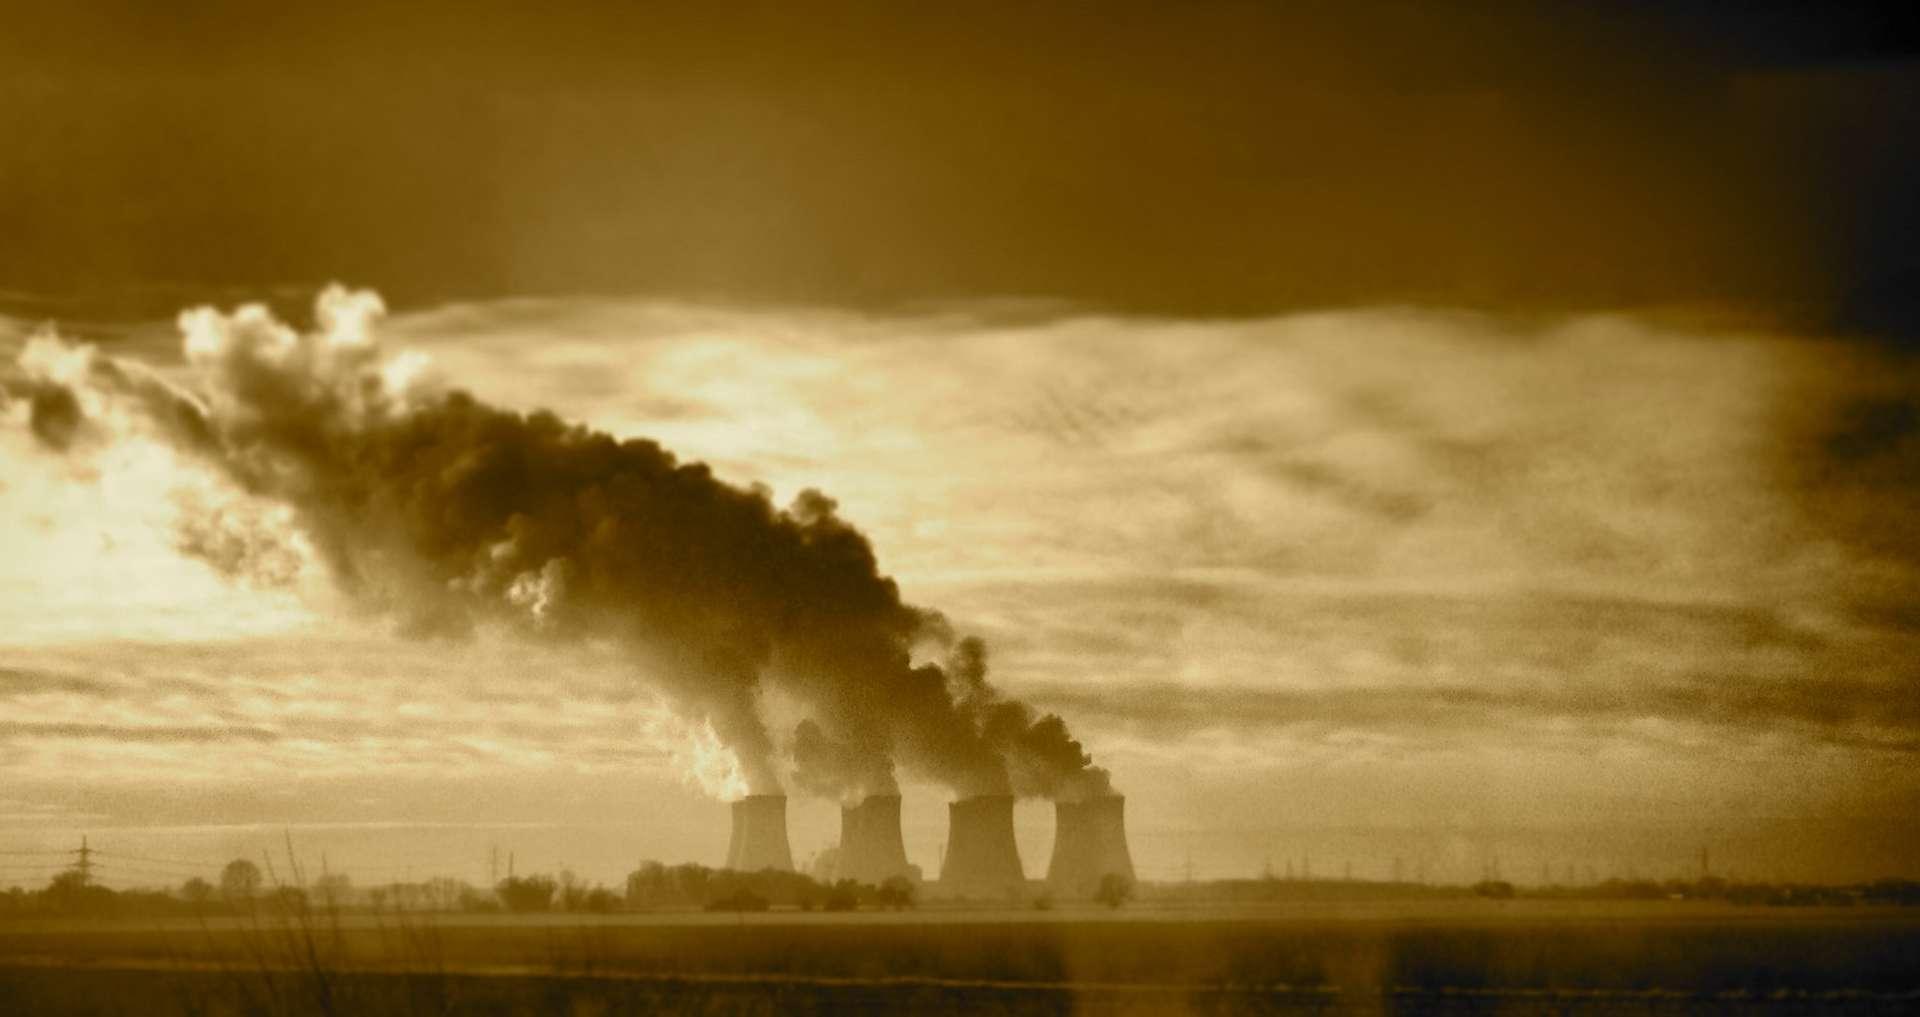 L'Inde affiche des besoins électriques croissants, et ne compte pas renoncer au charbon. © UniversityBlogSpot, Flickr